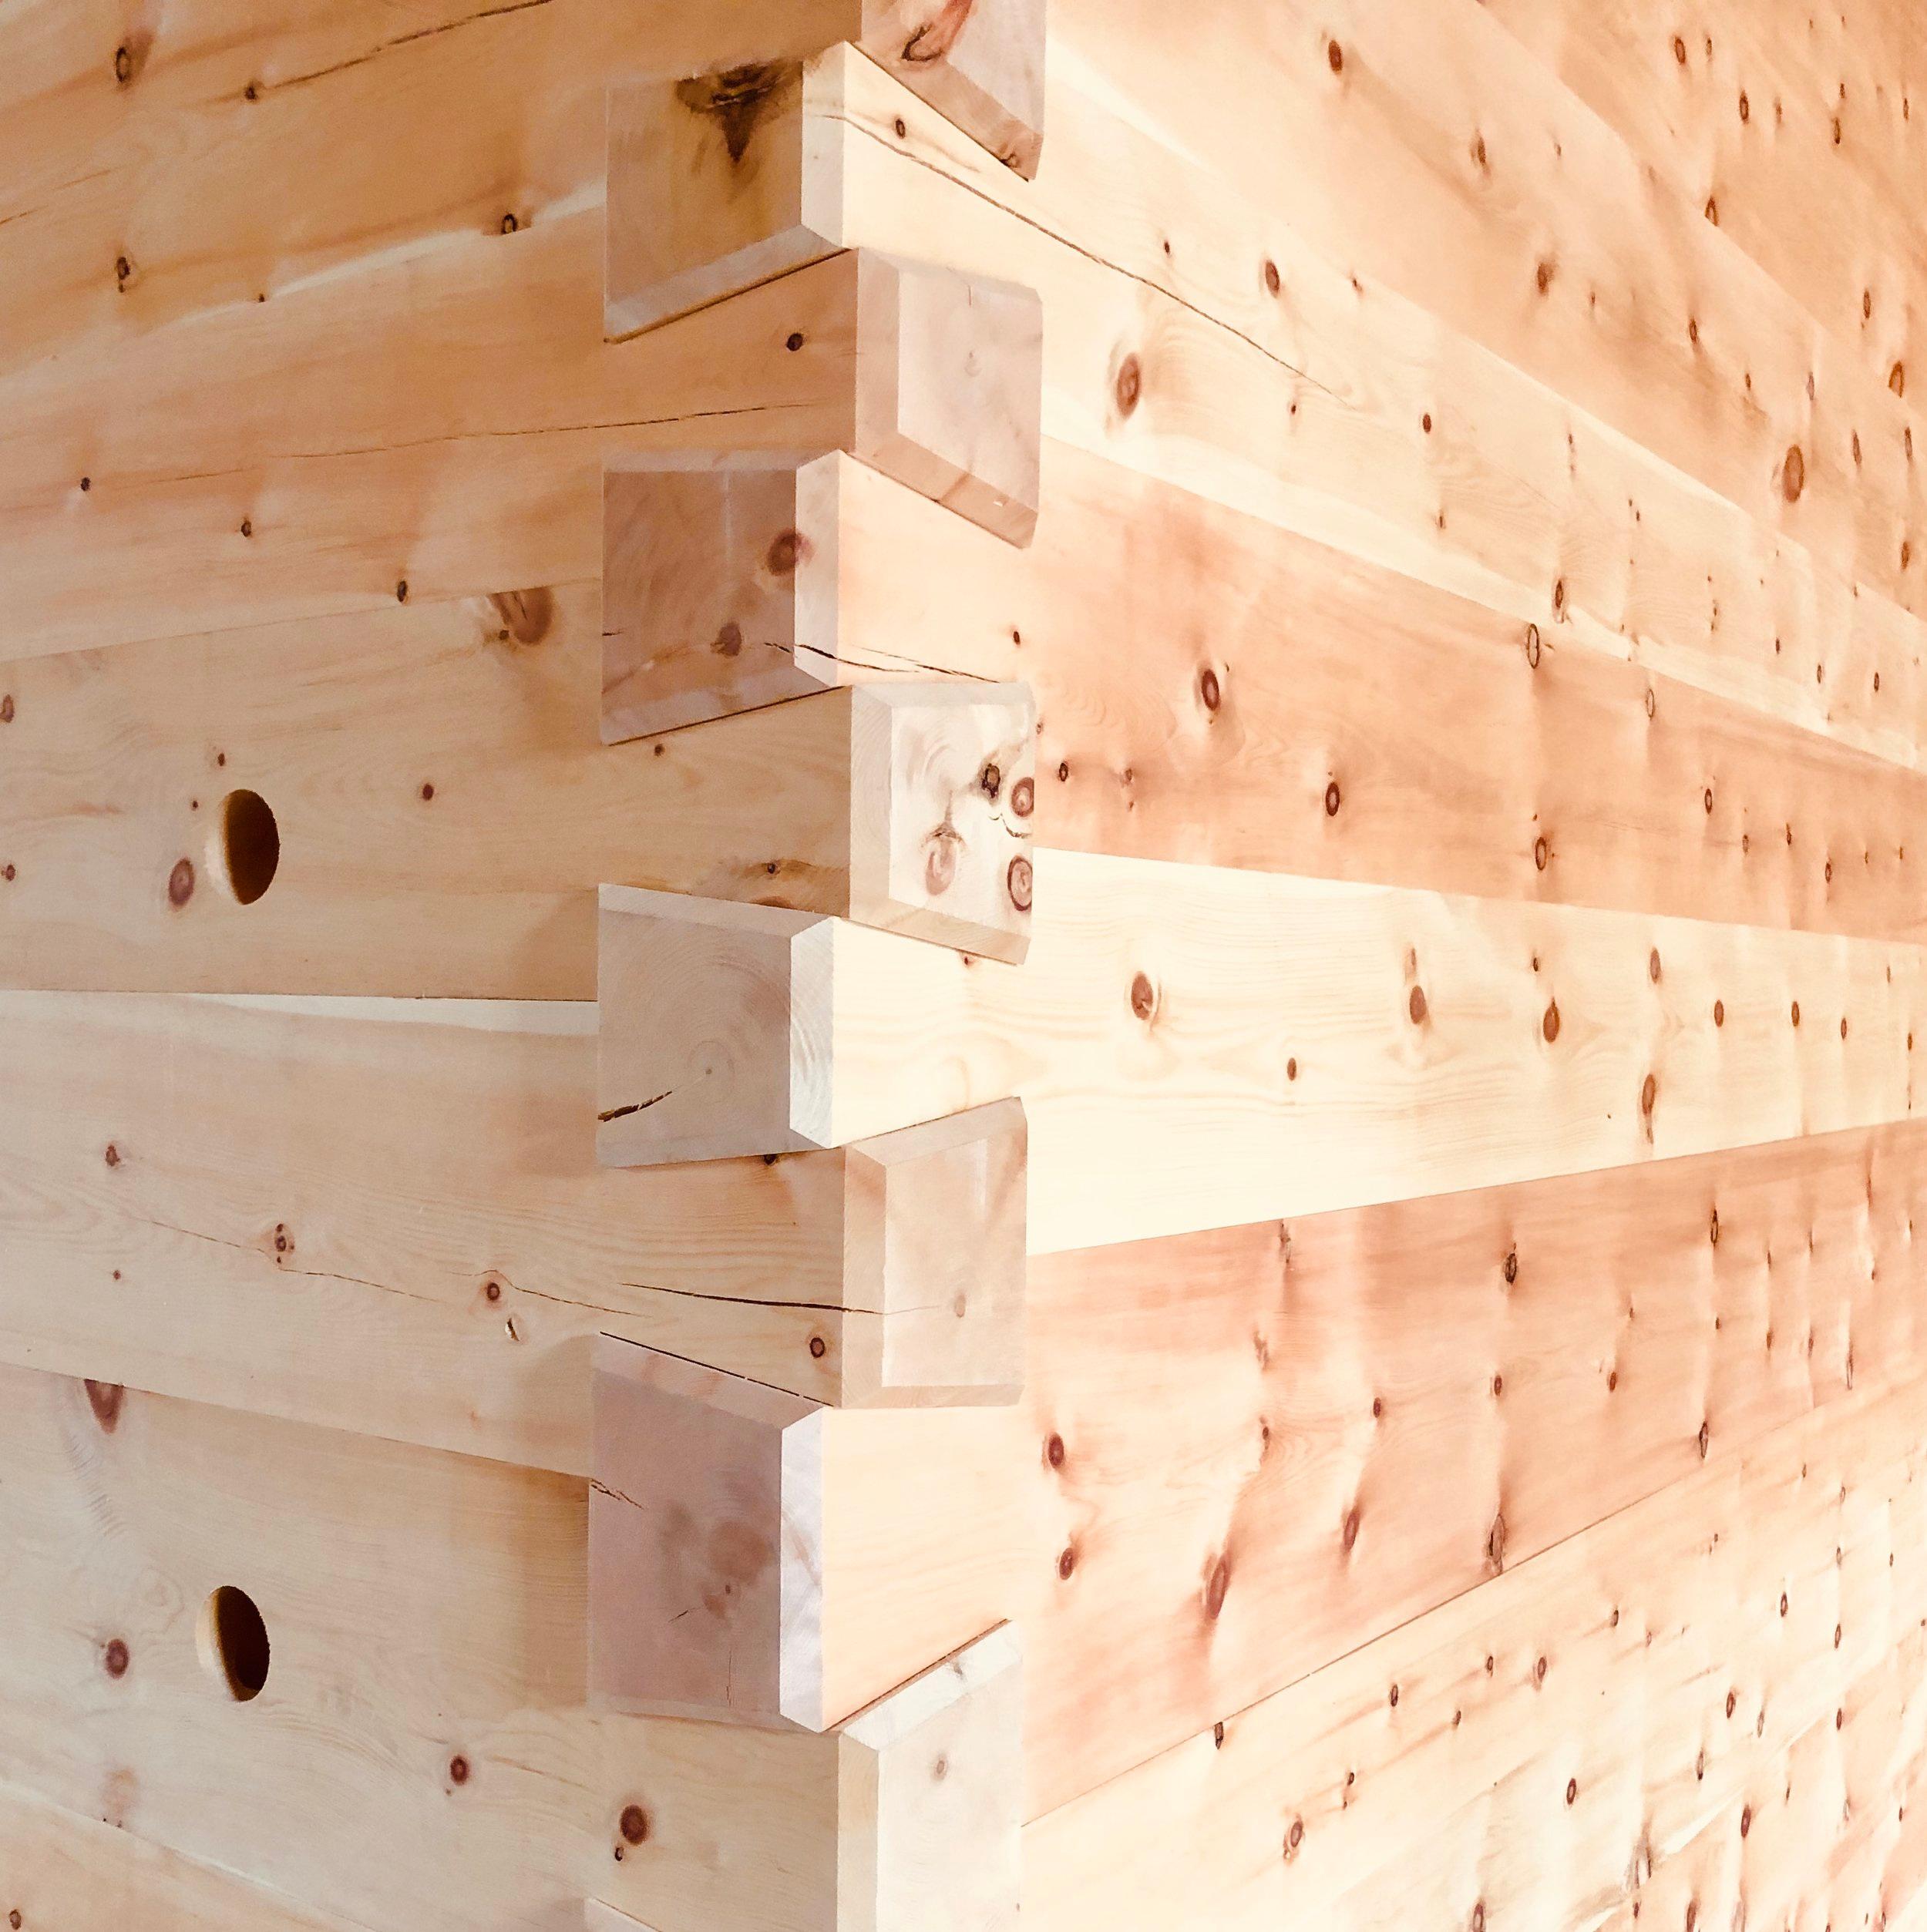 Doppelschale in Holz - Ein Projekt wo wir die Ingenieurarbeit und Werkplanung beisteuern durften. Es gehöhrte auch eine Protion Projektenticklung dazu. Hier ein Detailanschluss der Innenwand aus Arve. Es passt danke guter Planung, CNC-Produktion und den super Zimmerleuten!